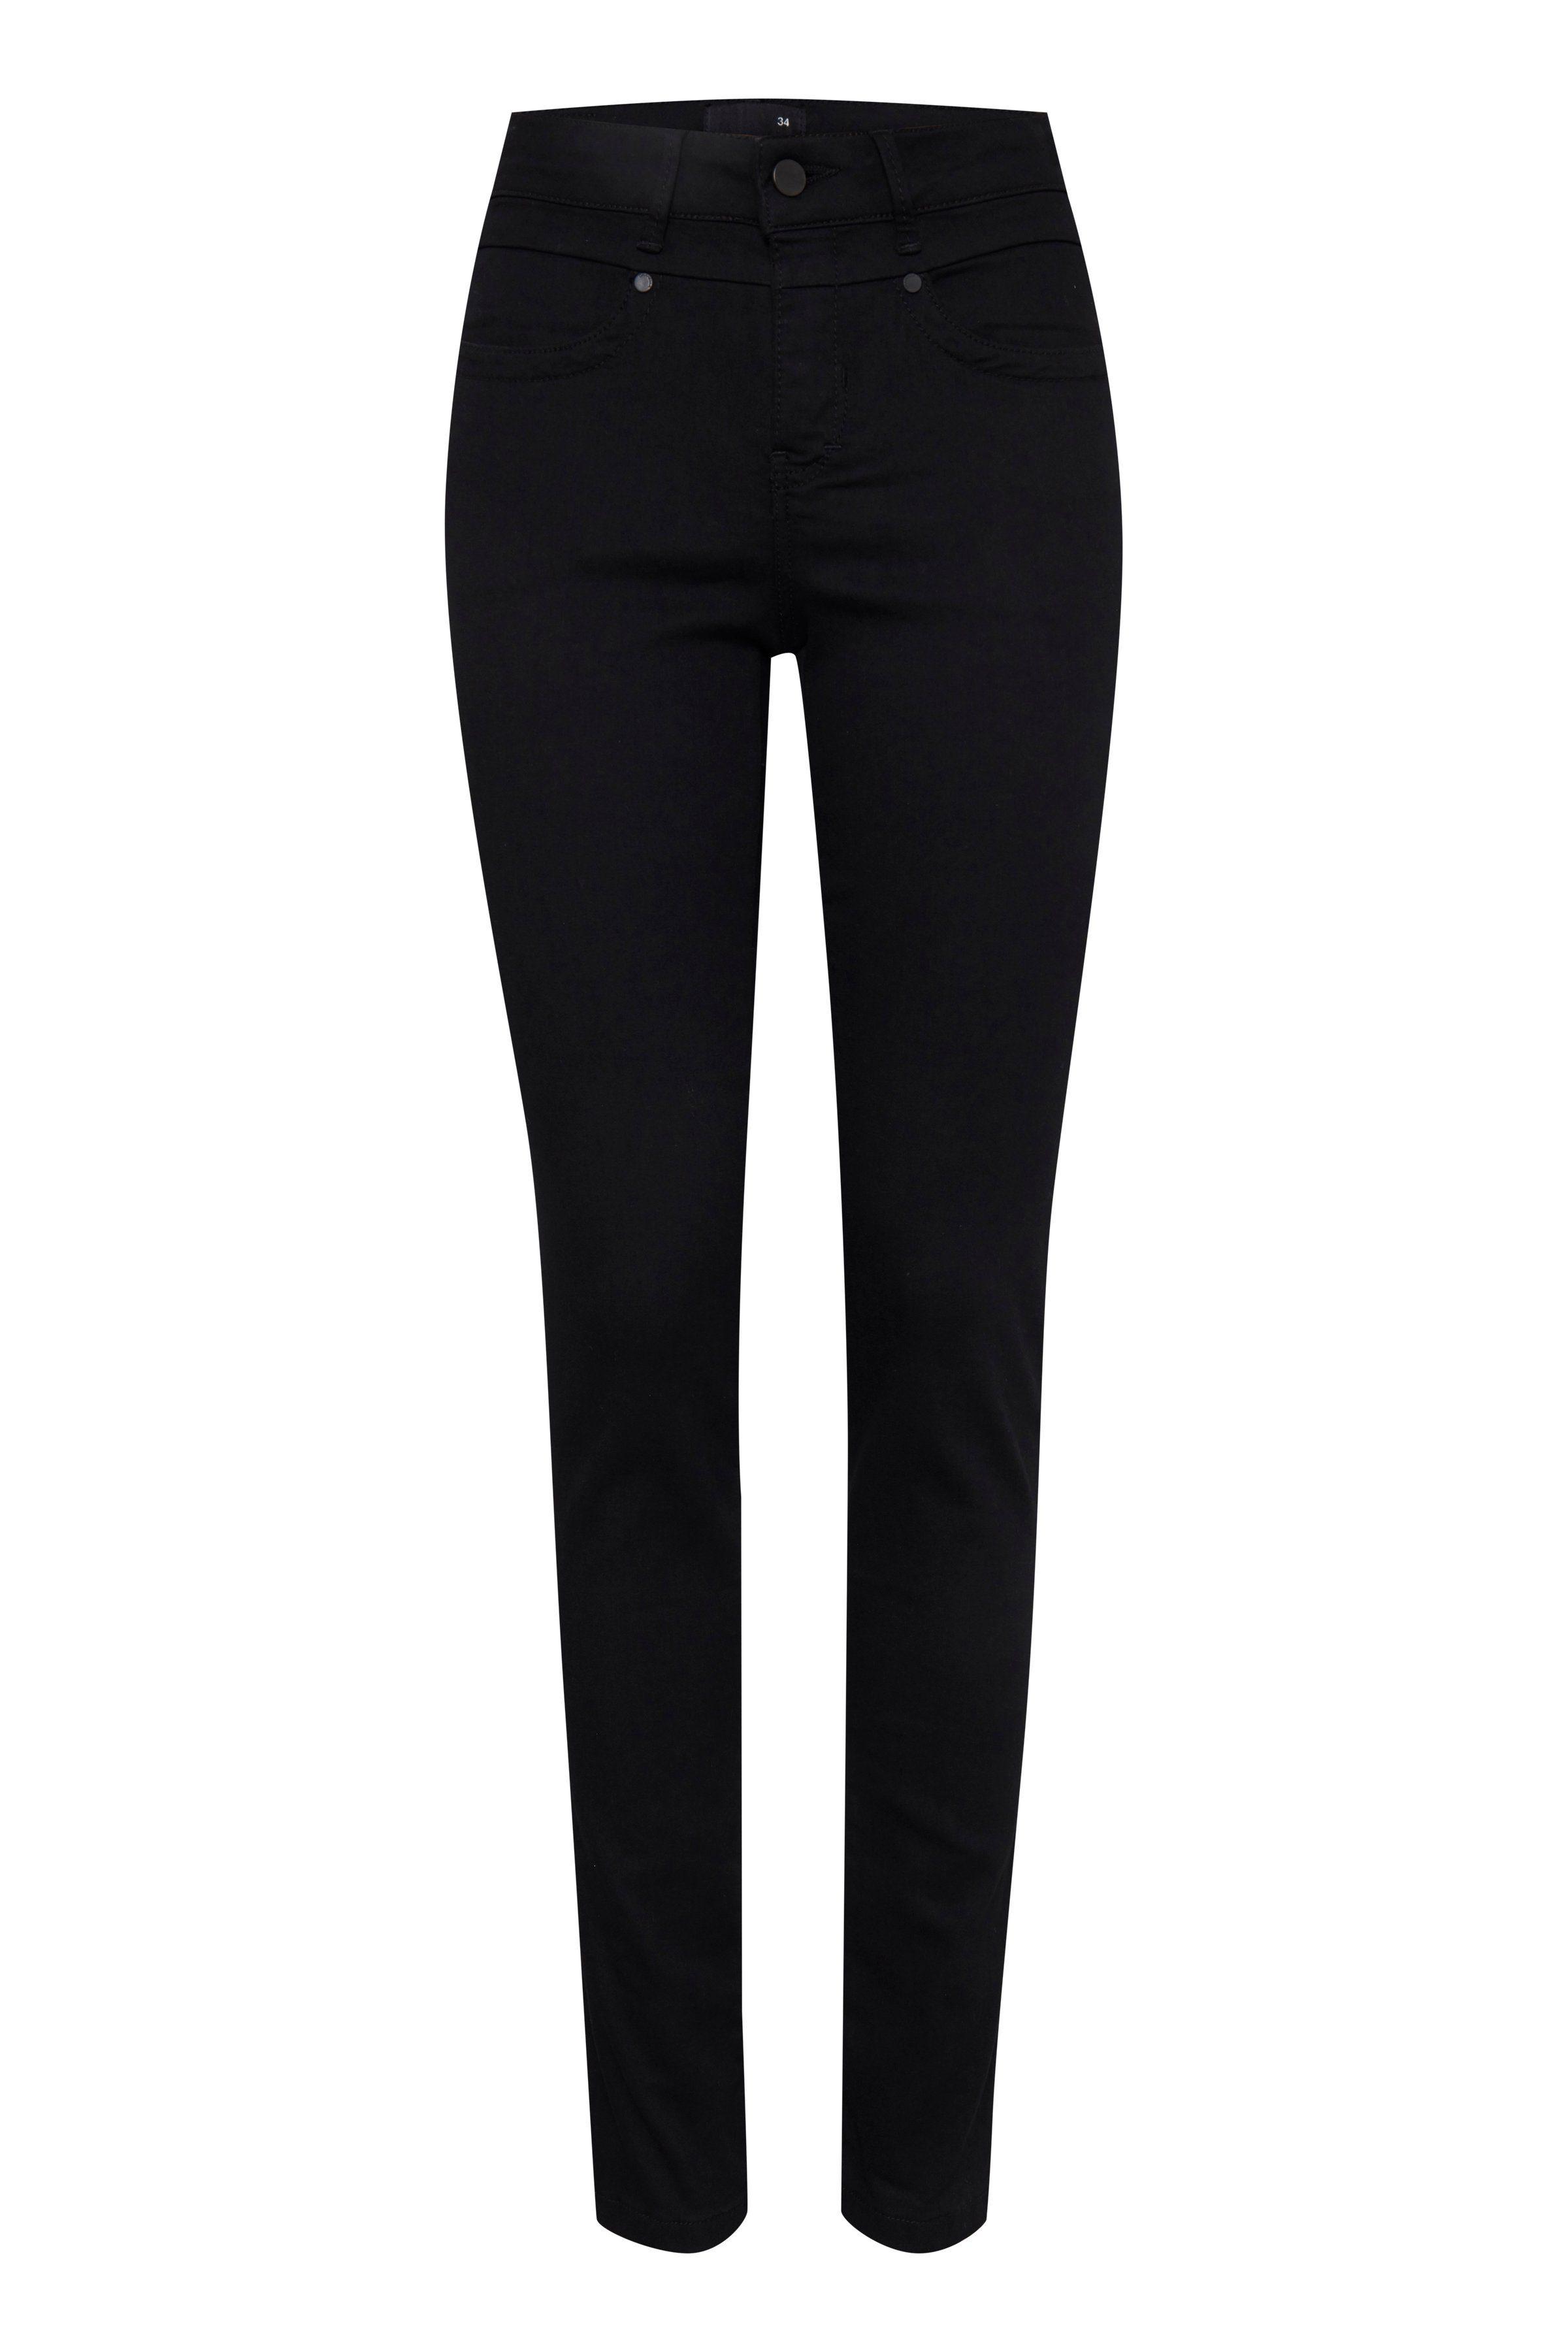 DRANELLA Slim-fit-Jeans »Ursula 9 Jeans/TESSA FIT«